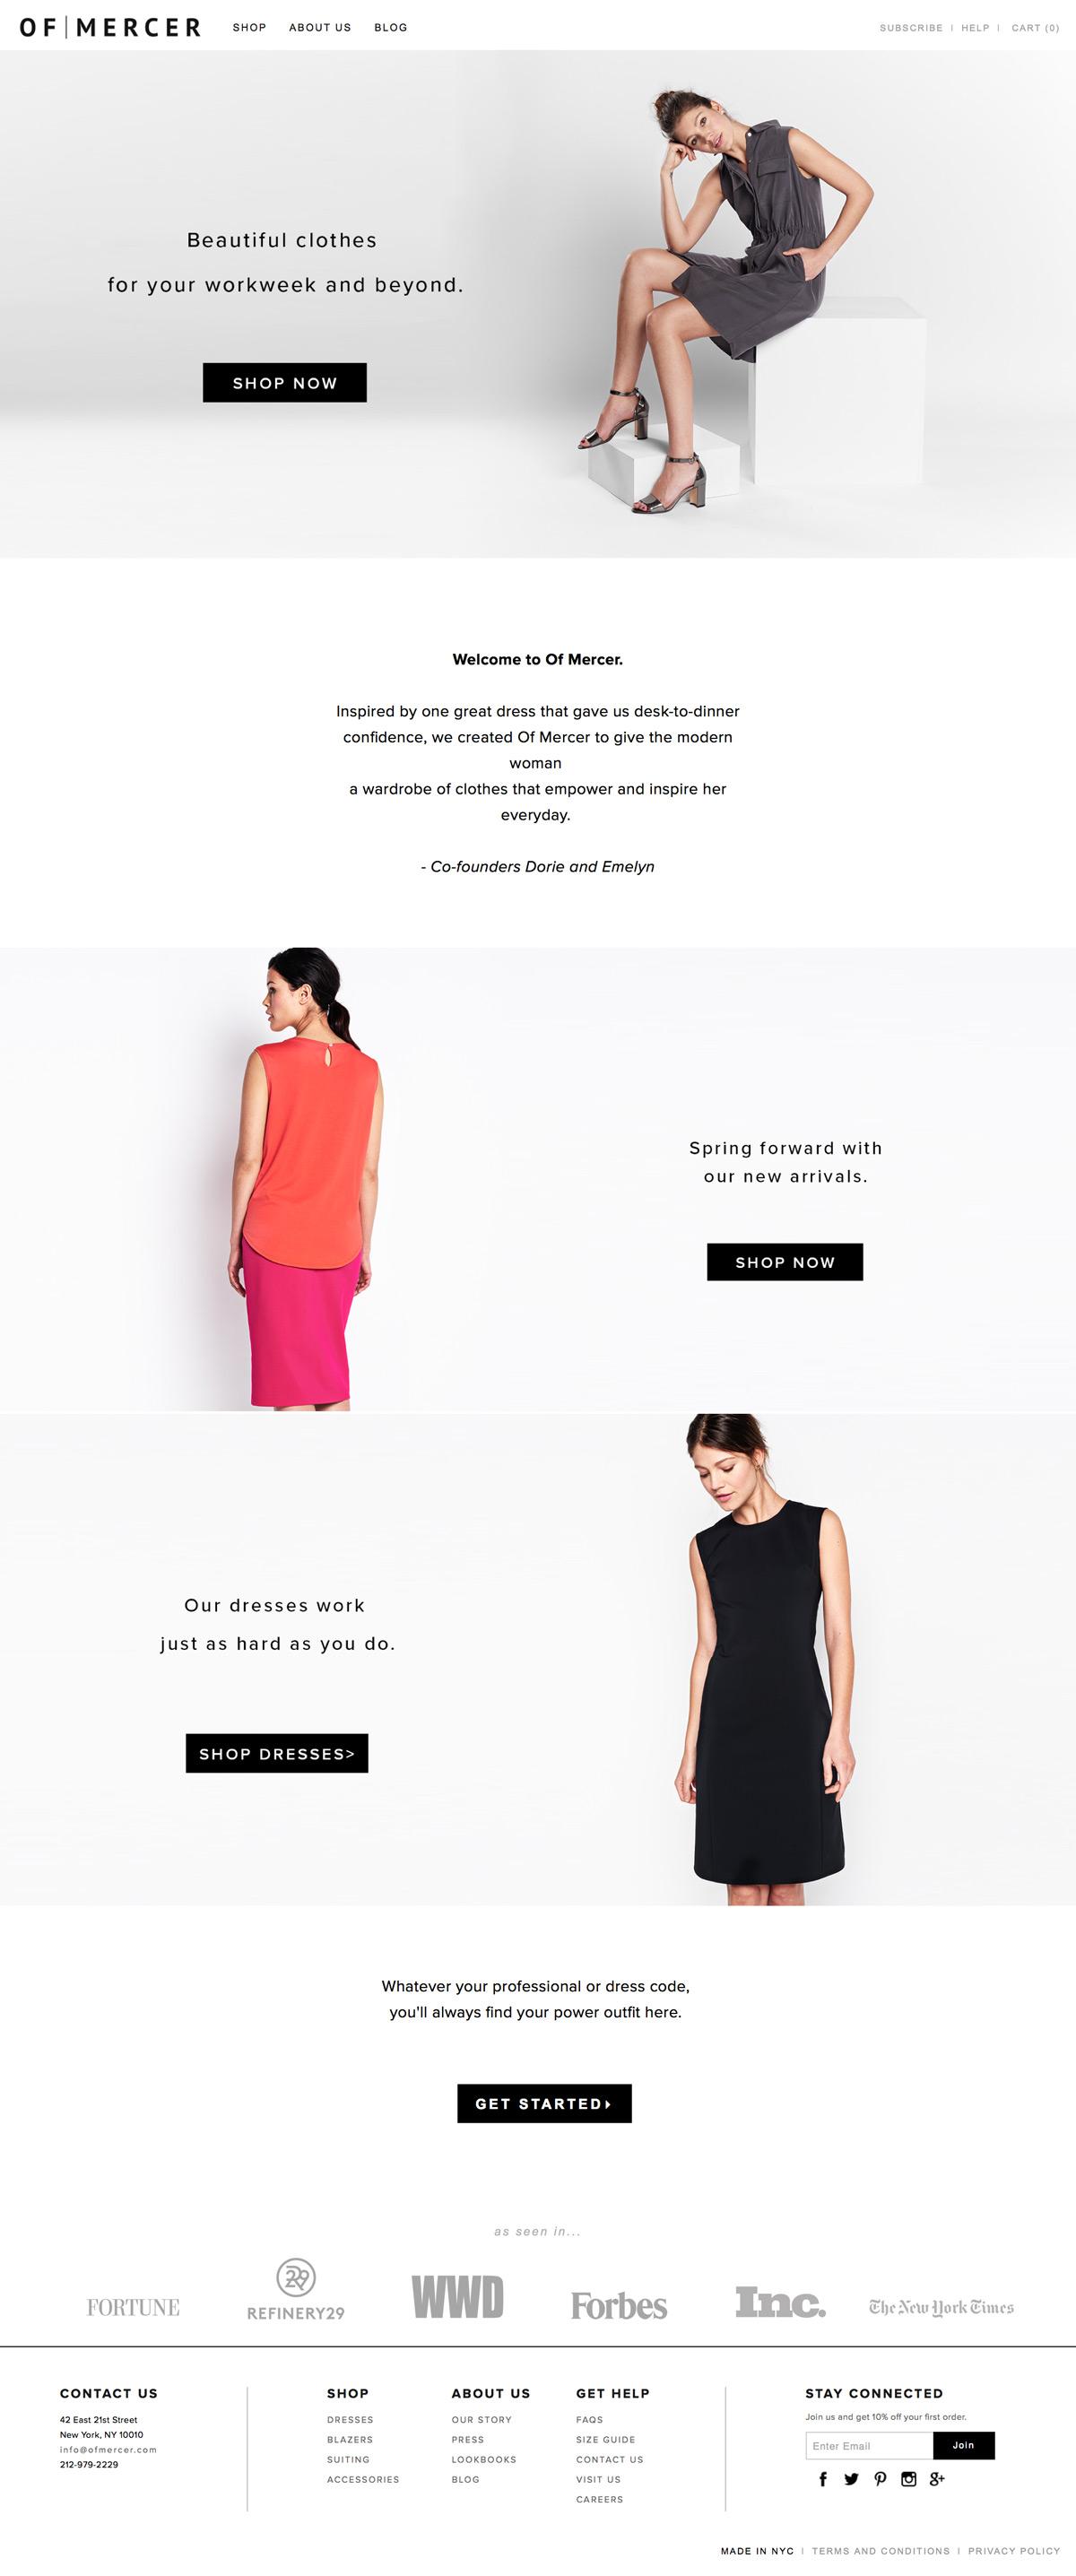 eCommerce website: Of Mercer